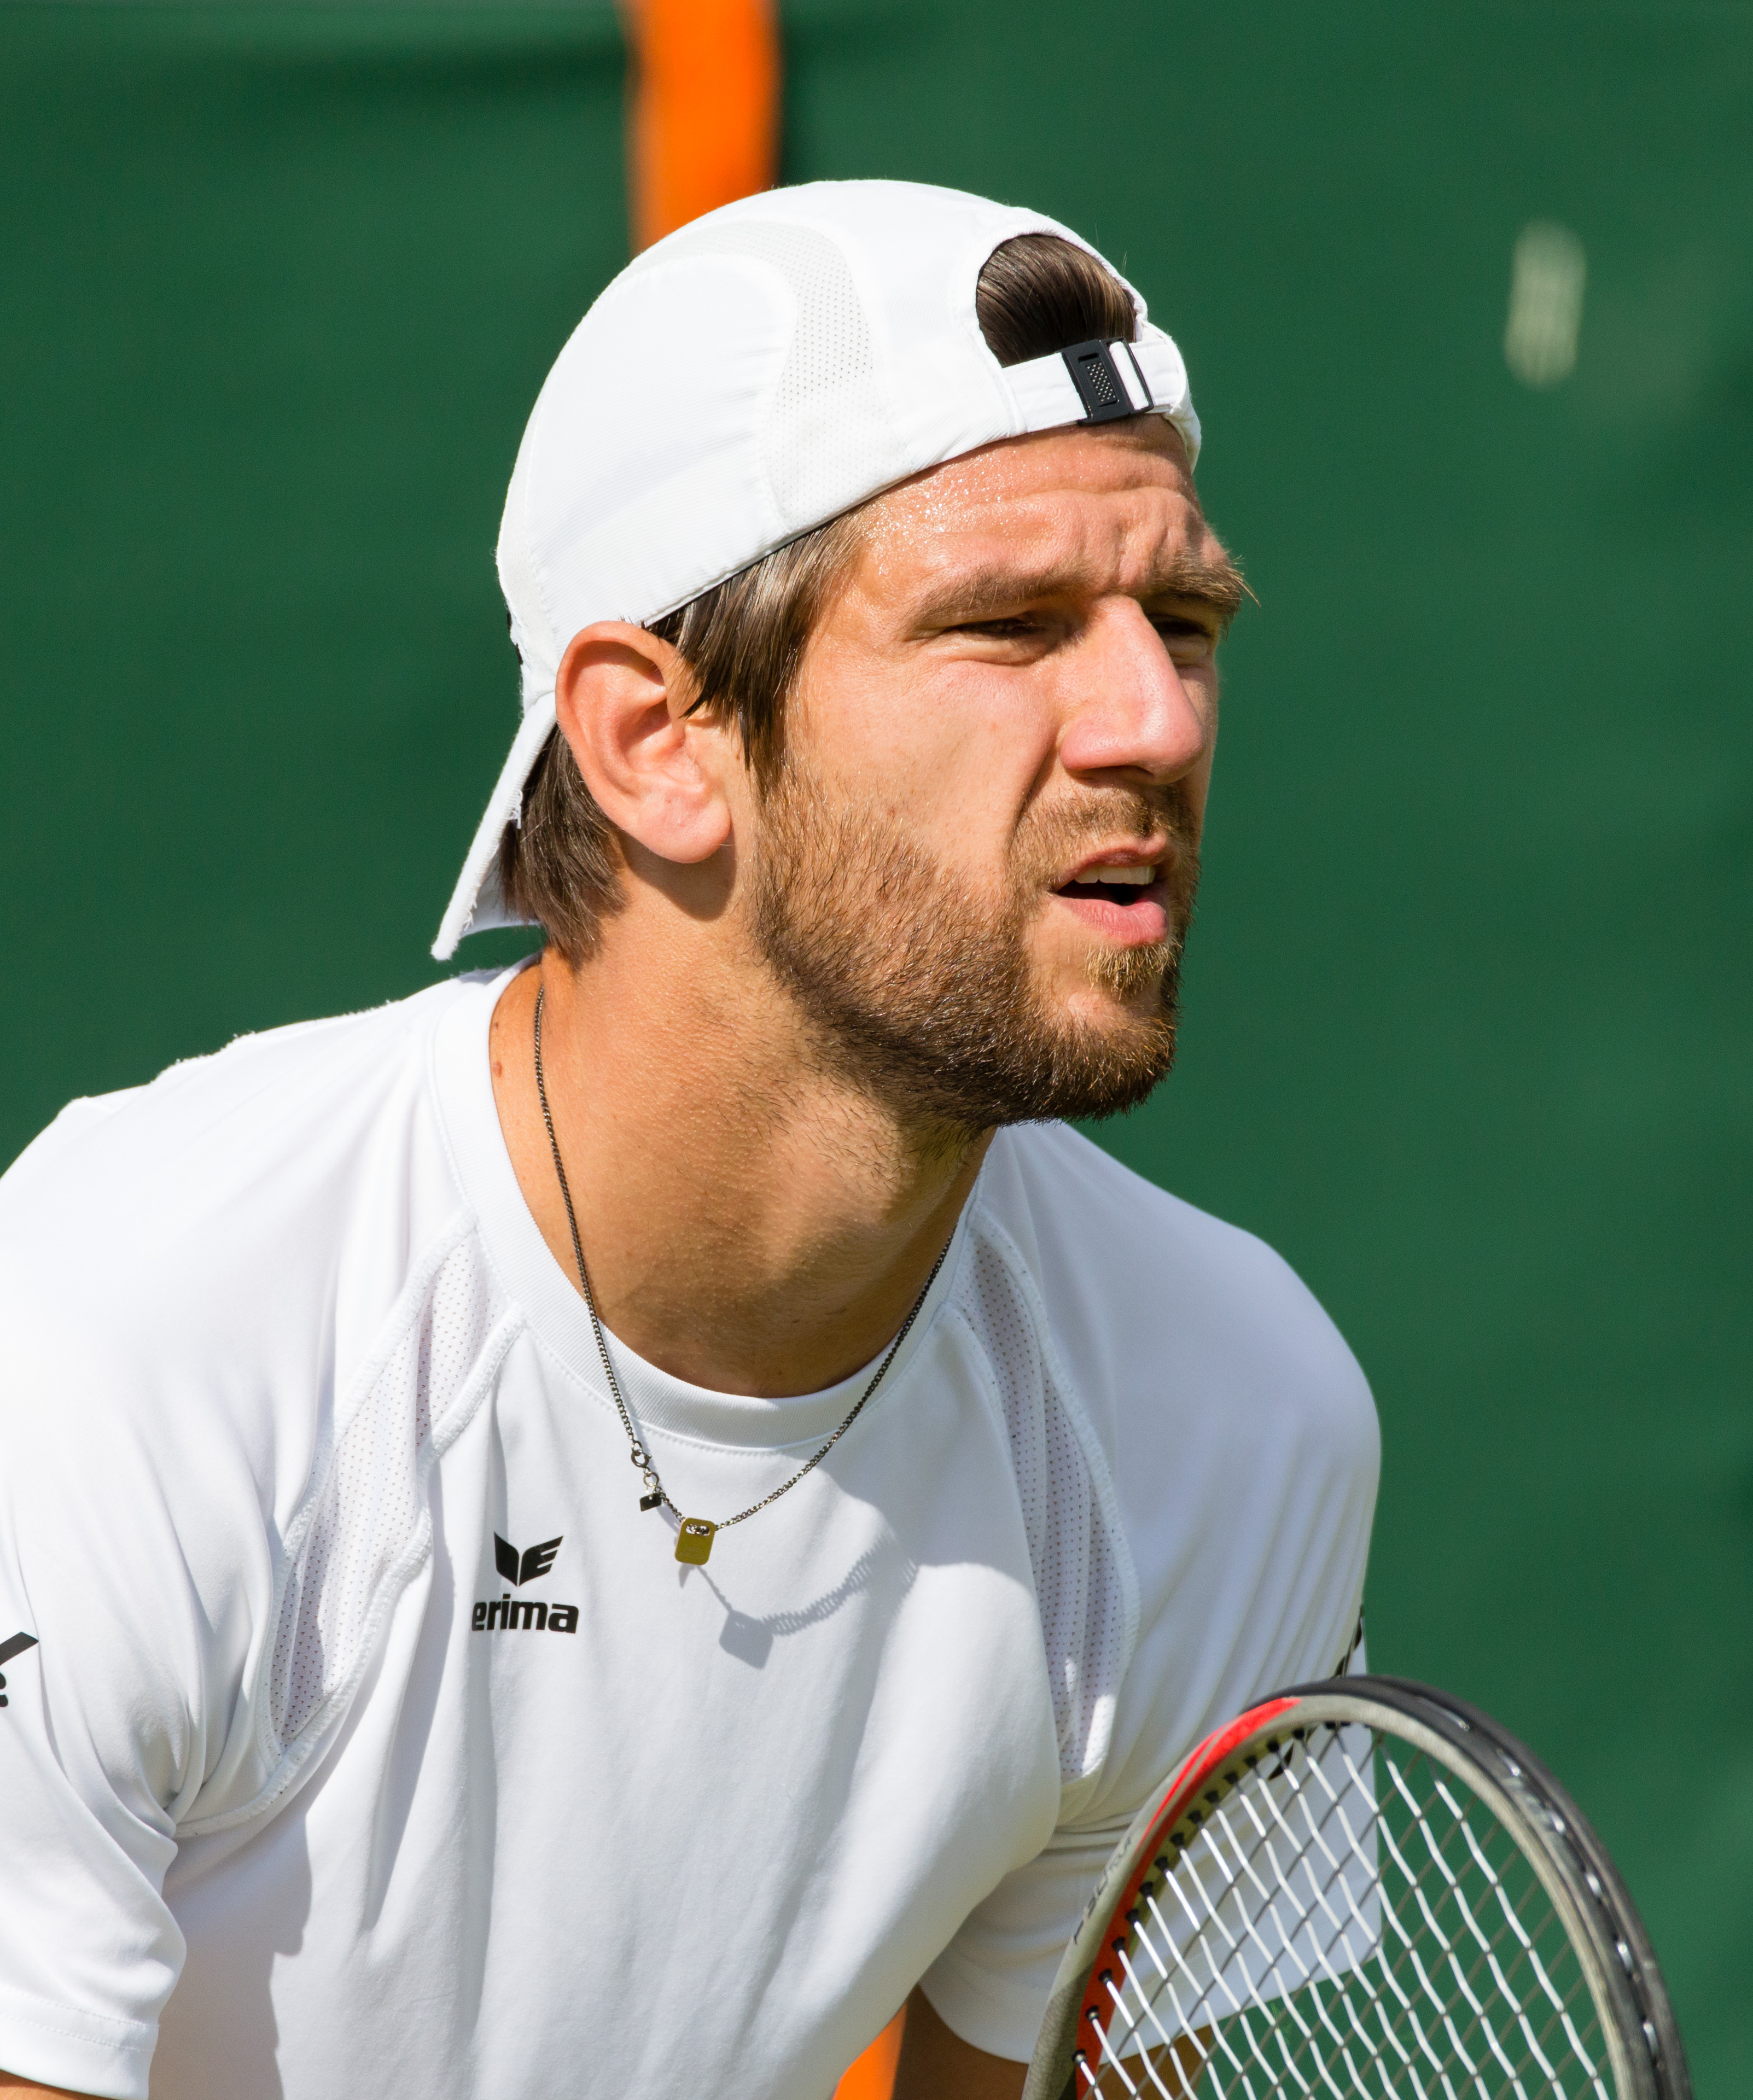 Jürgen Melzer 2015 Wimbledon